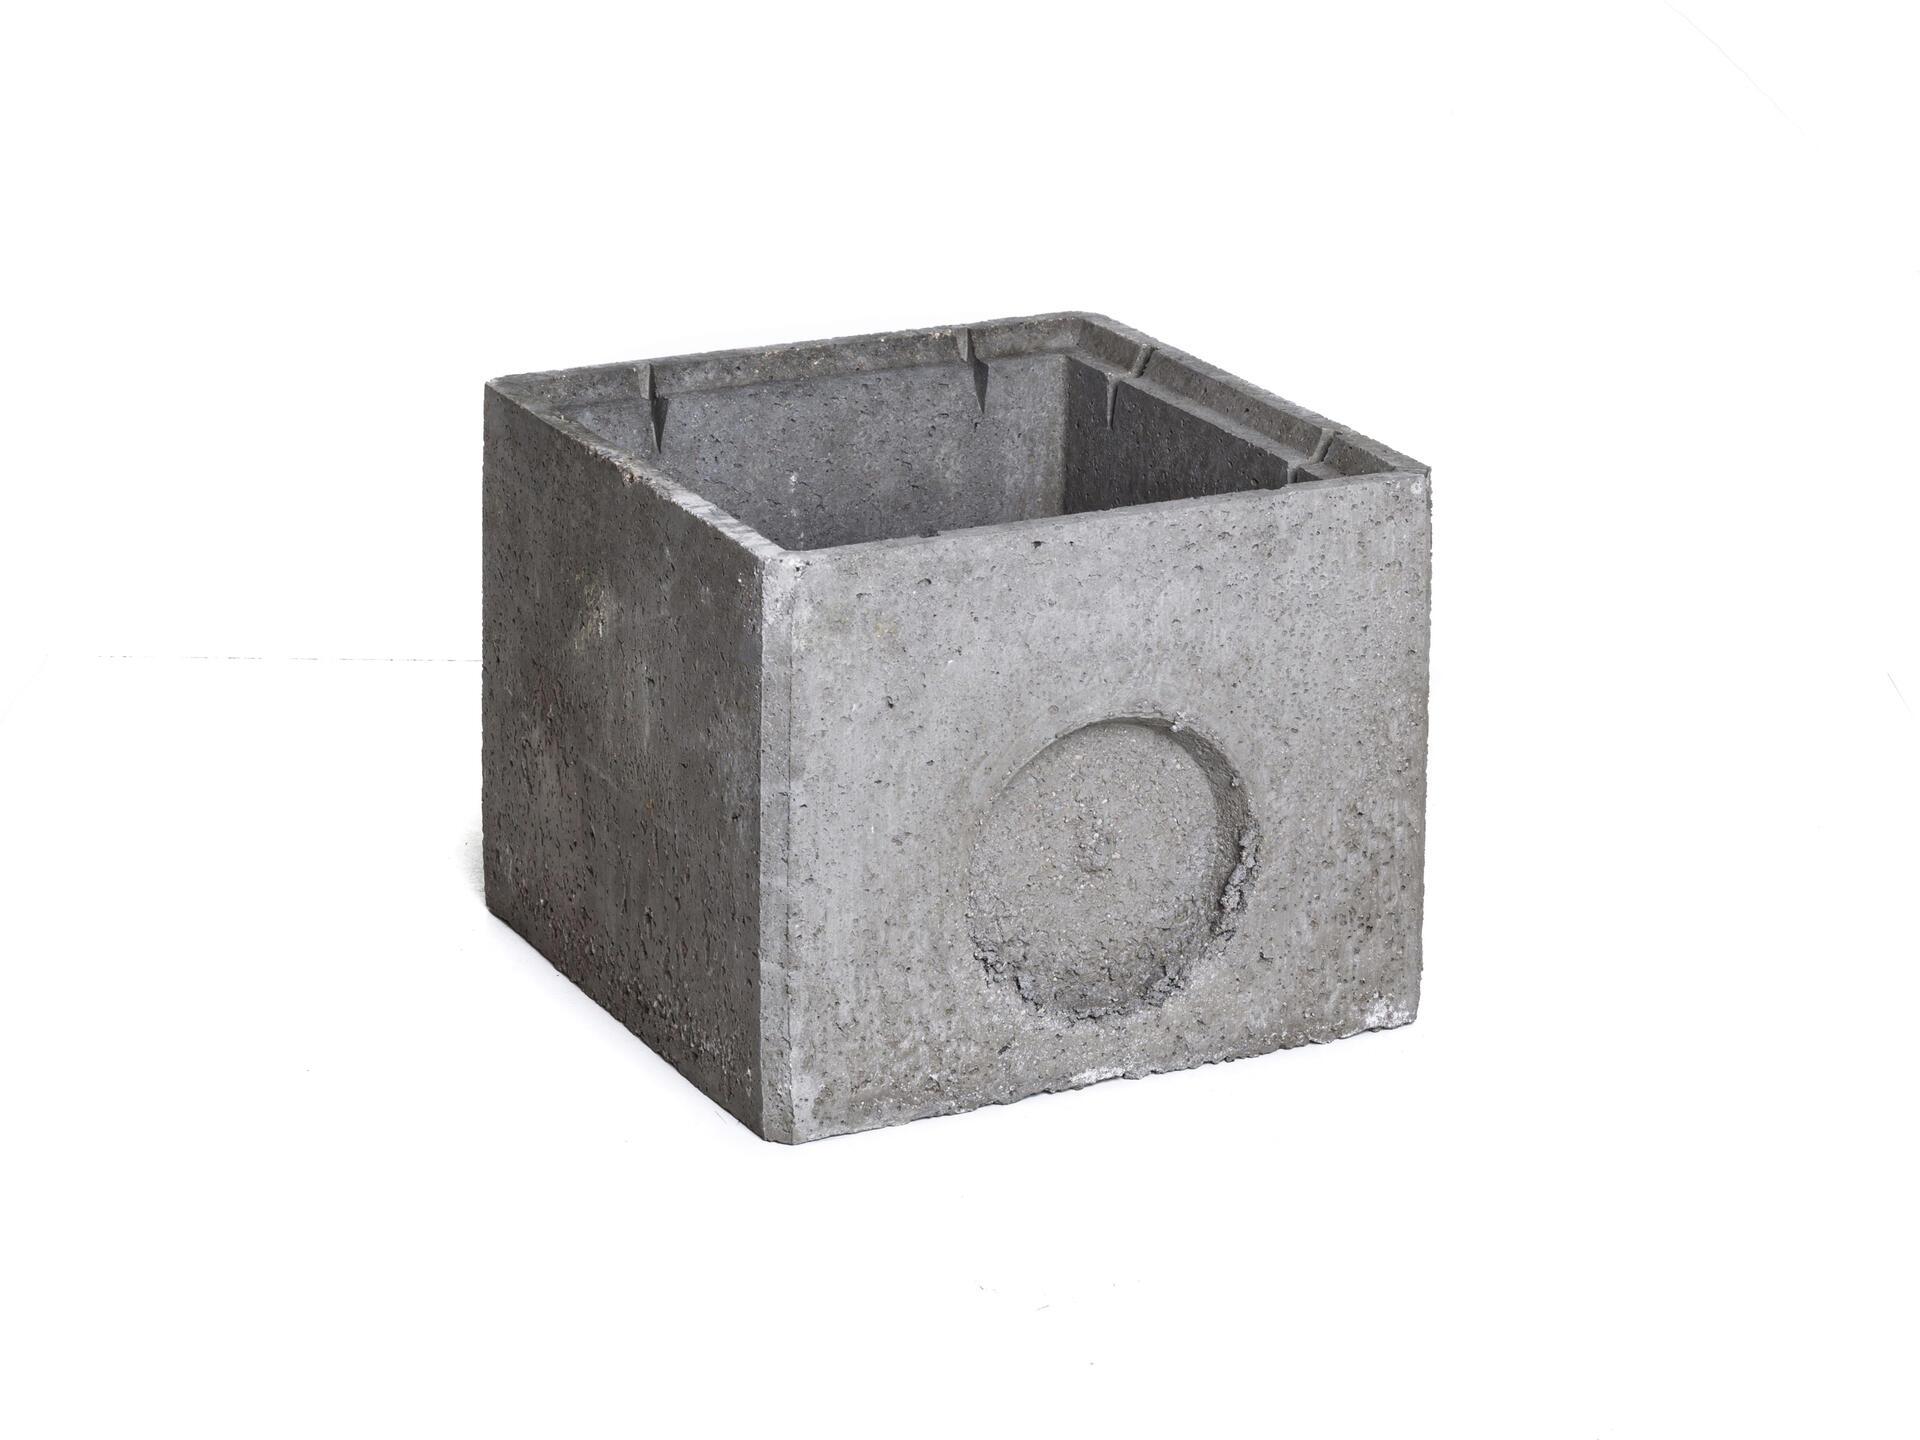 Rehausse chambre de visite 30x30x30 cm hubo - Rehausse chambre de visite beton ...